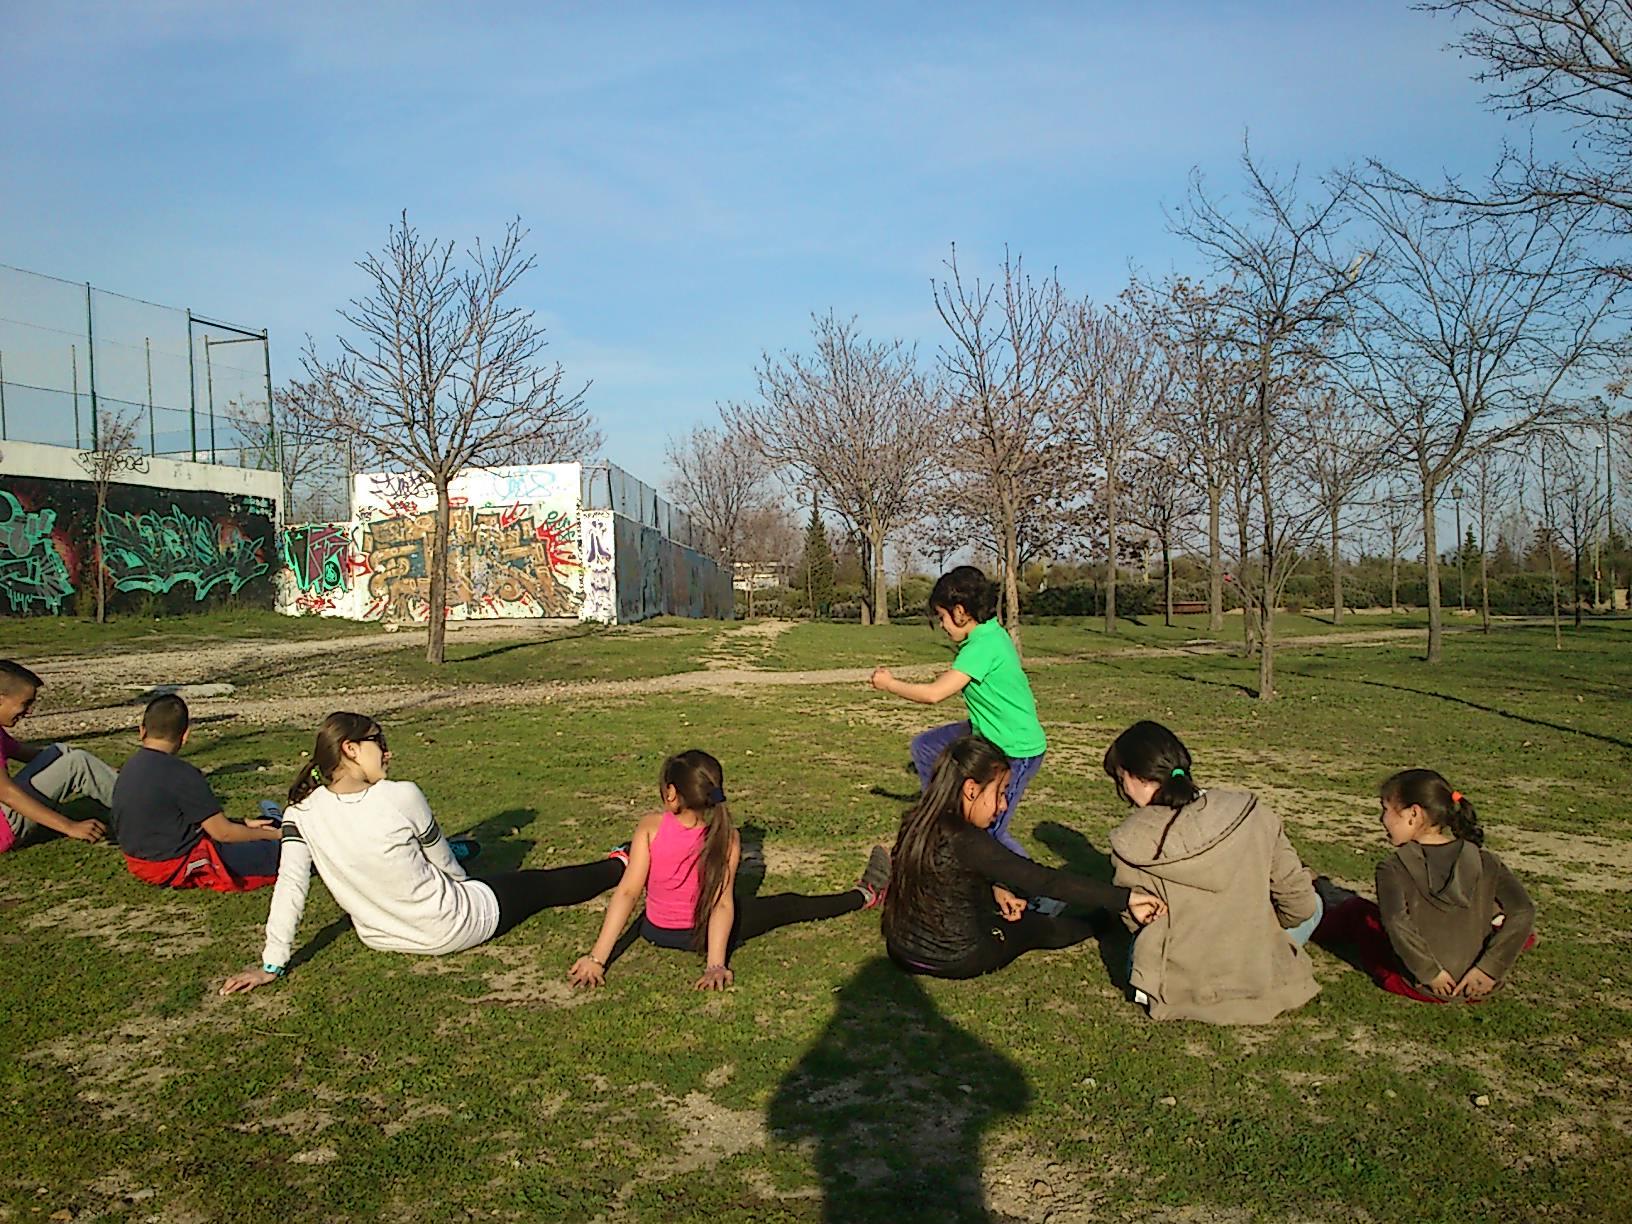 Mes del deporte! Fomentando el ocio saludable entre los menores de Valdebernardo